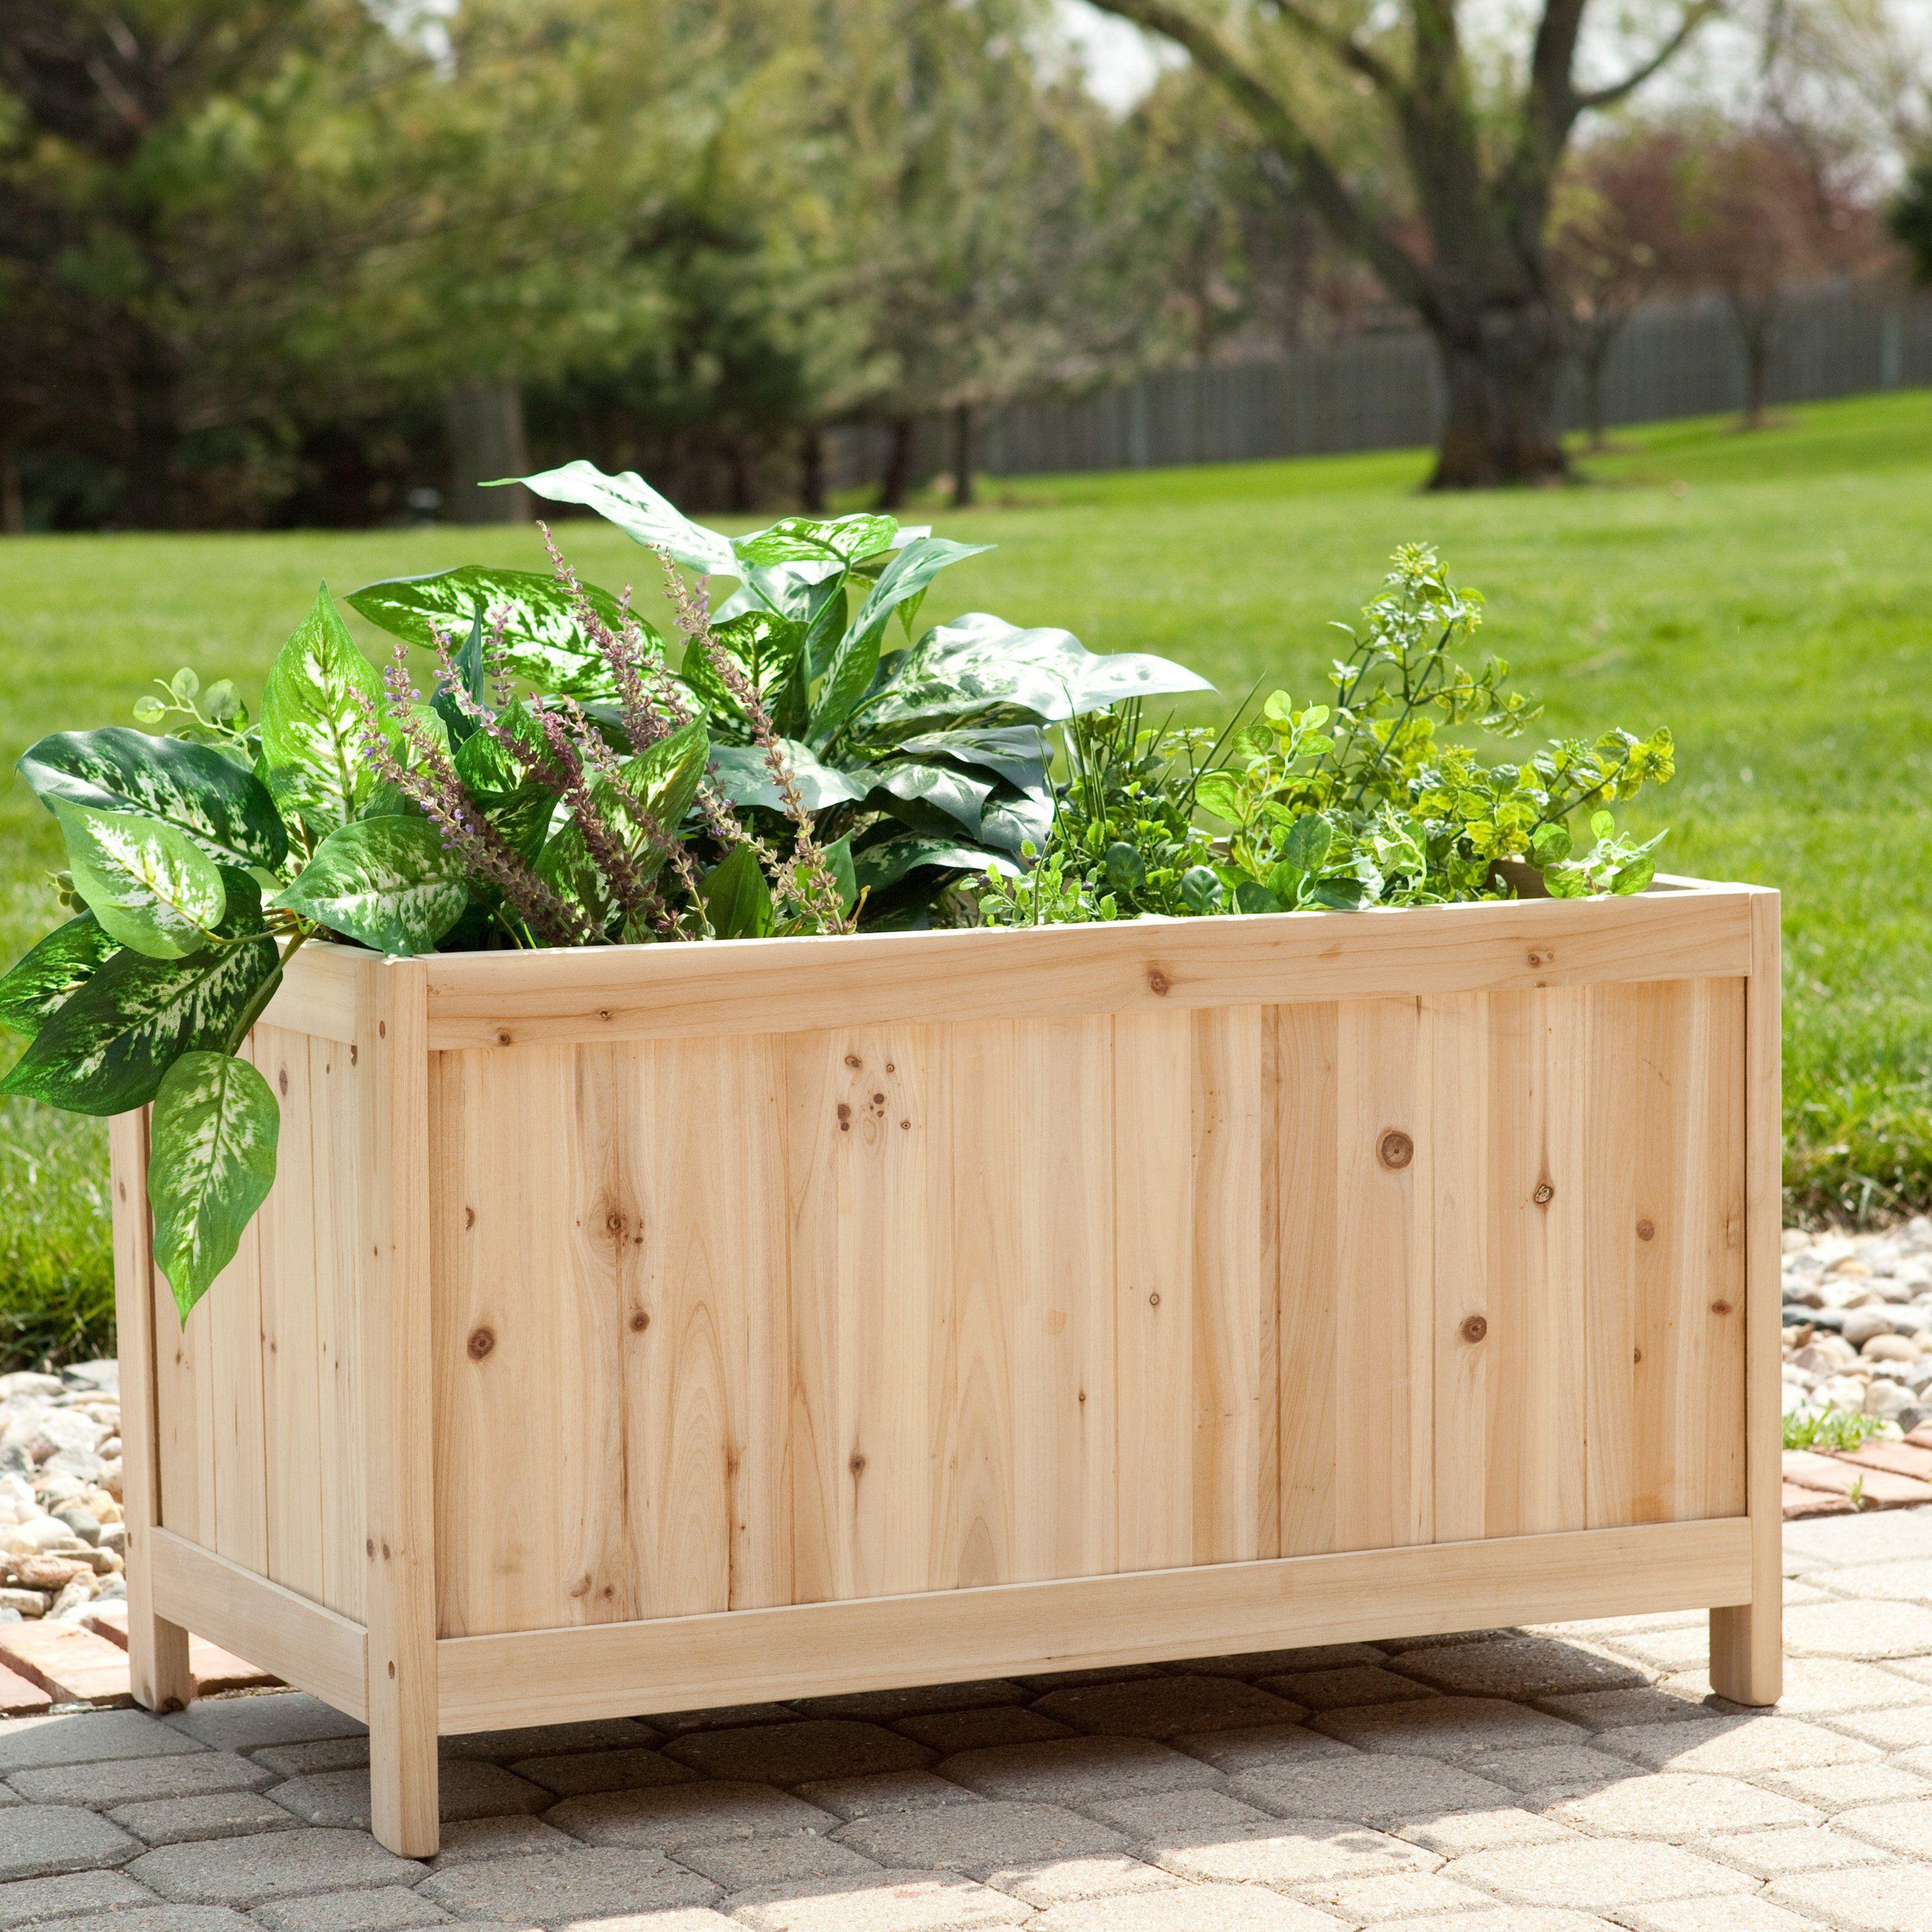 Simply Grow Cedar Patio Planter Box $109.98